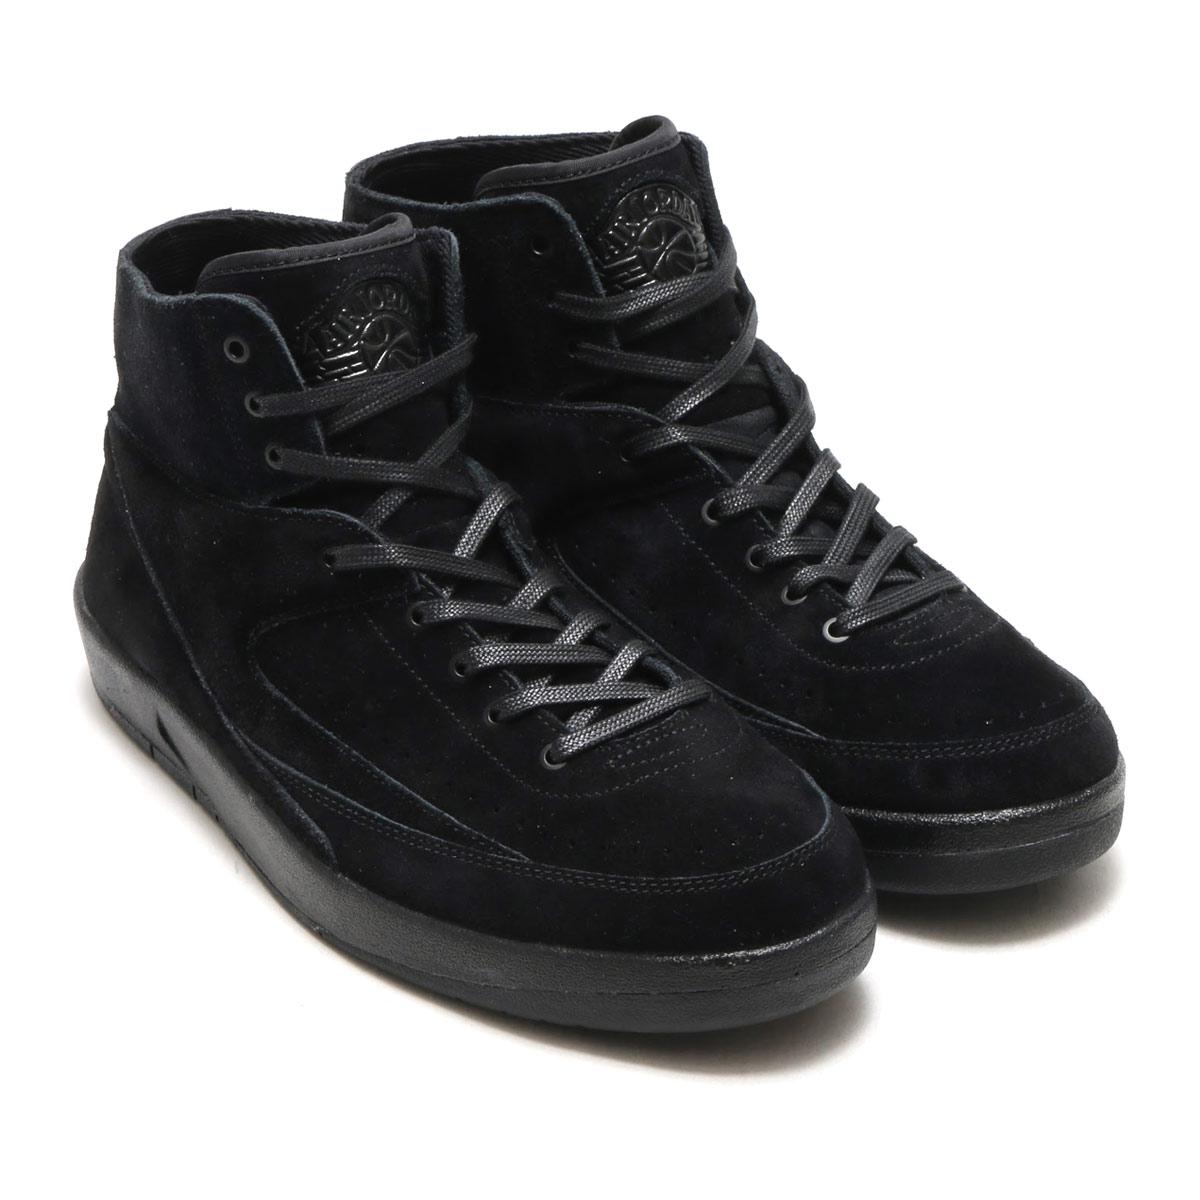 timeless design 89619 e4c4a NIKE AIR JORDAN 2 RETRO DECON (Nike Air Jordan 2 nostalgic DECON)  (BLACK/BLACK) 17FA-S